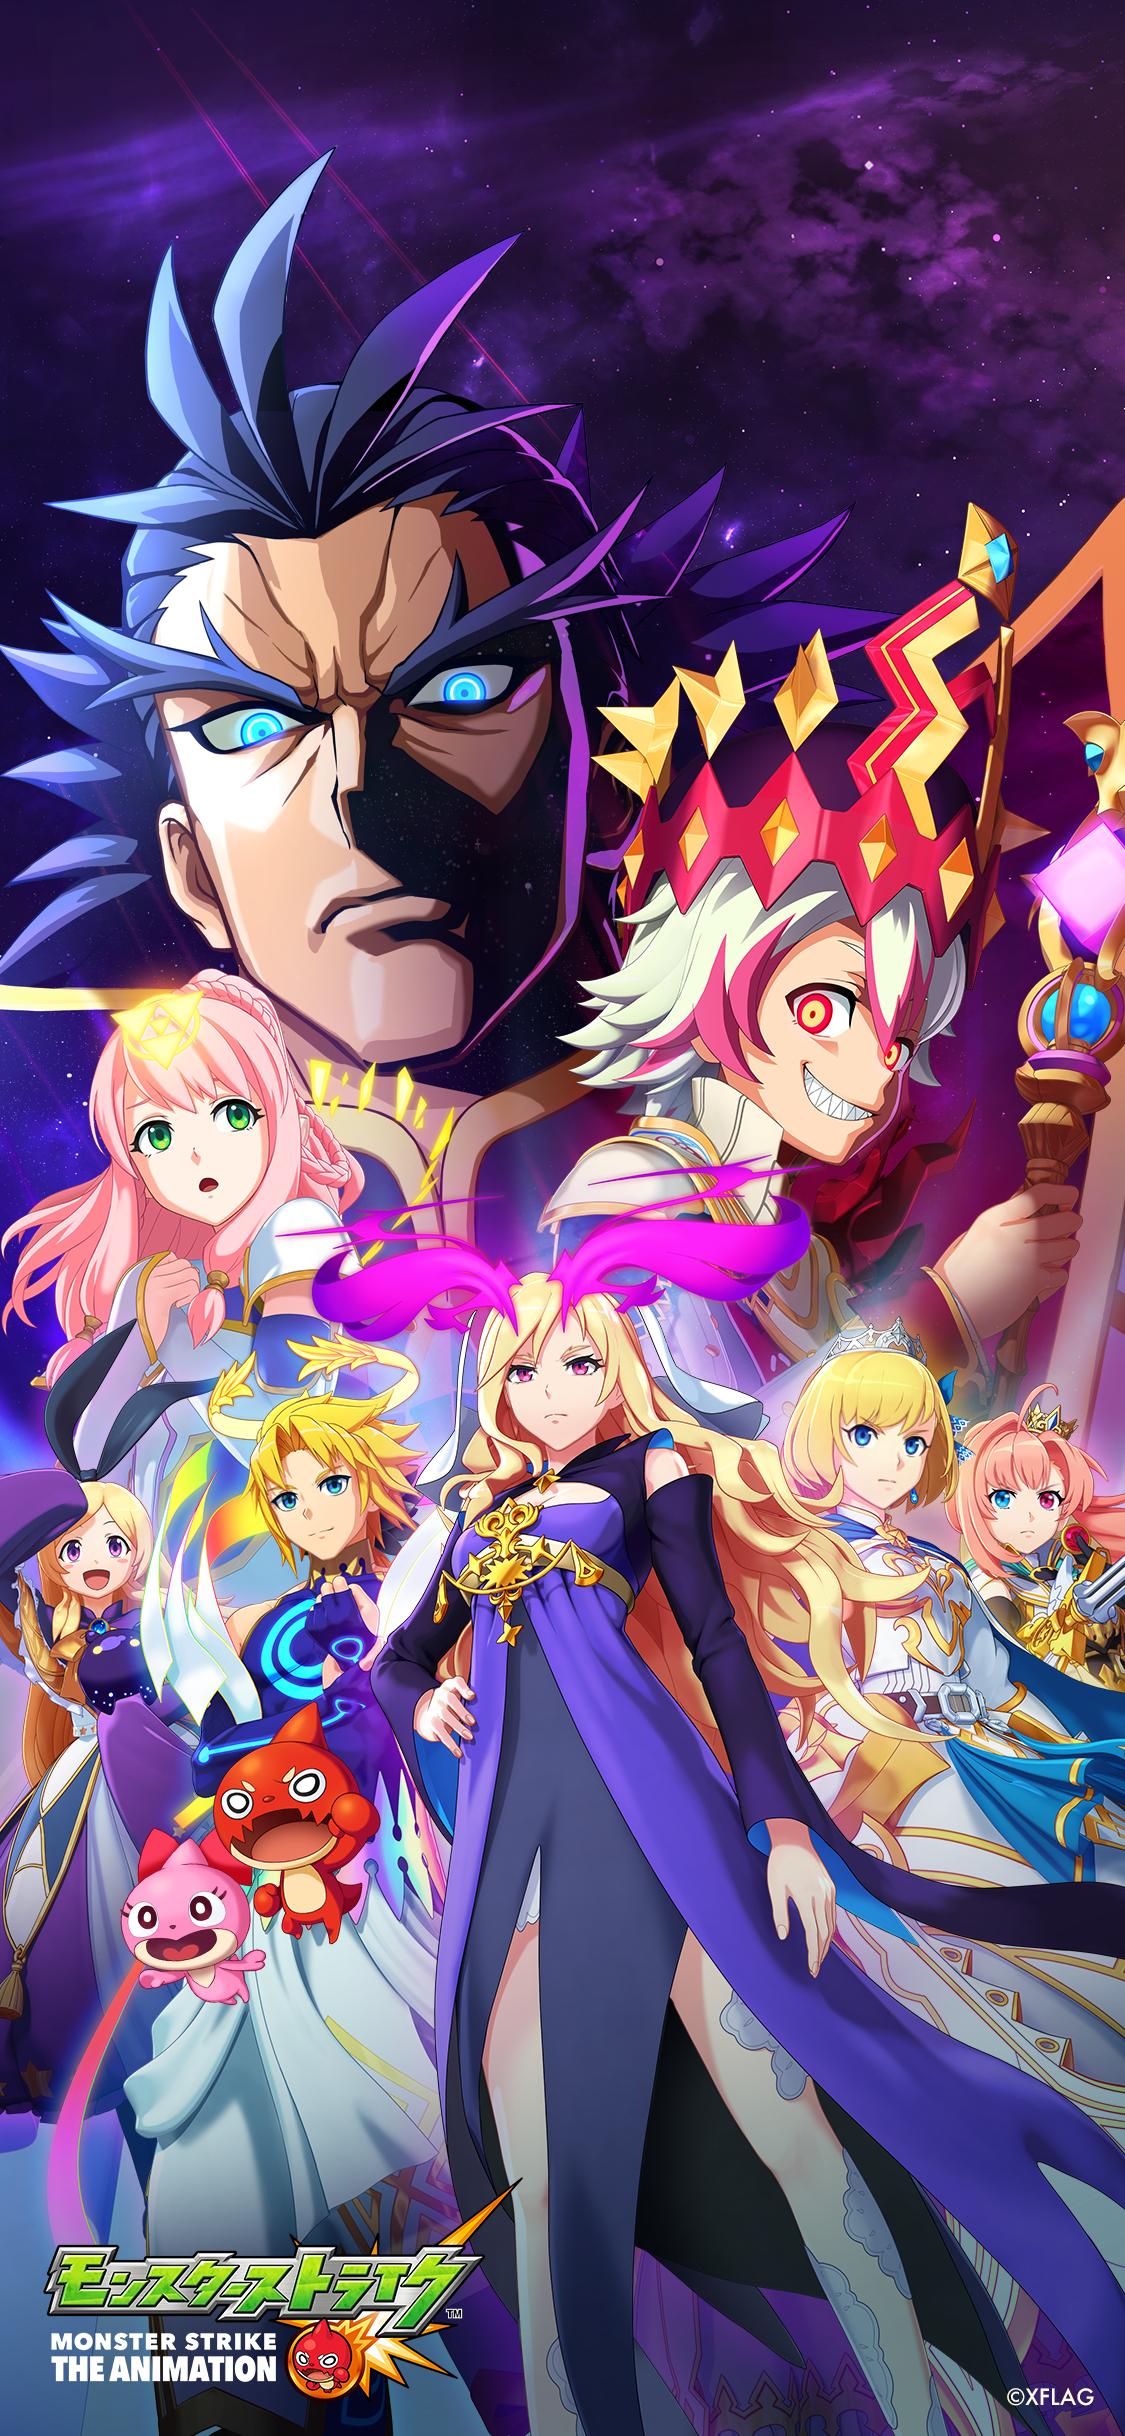 アニメ モンスターストライク4億回再生突破 ありがとうキャンペーン